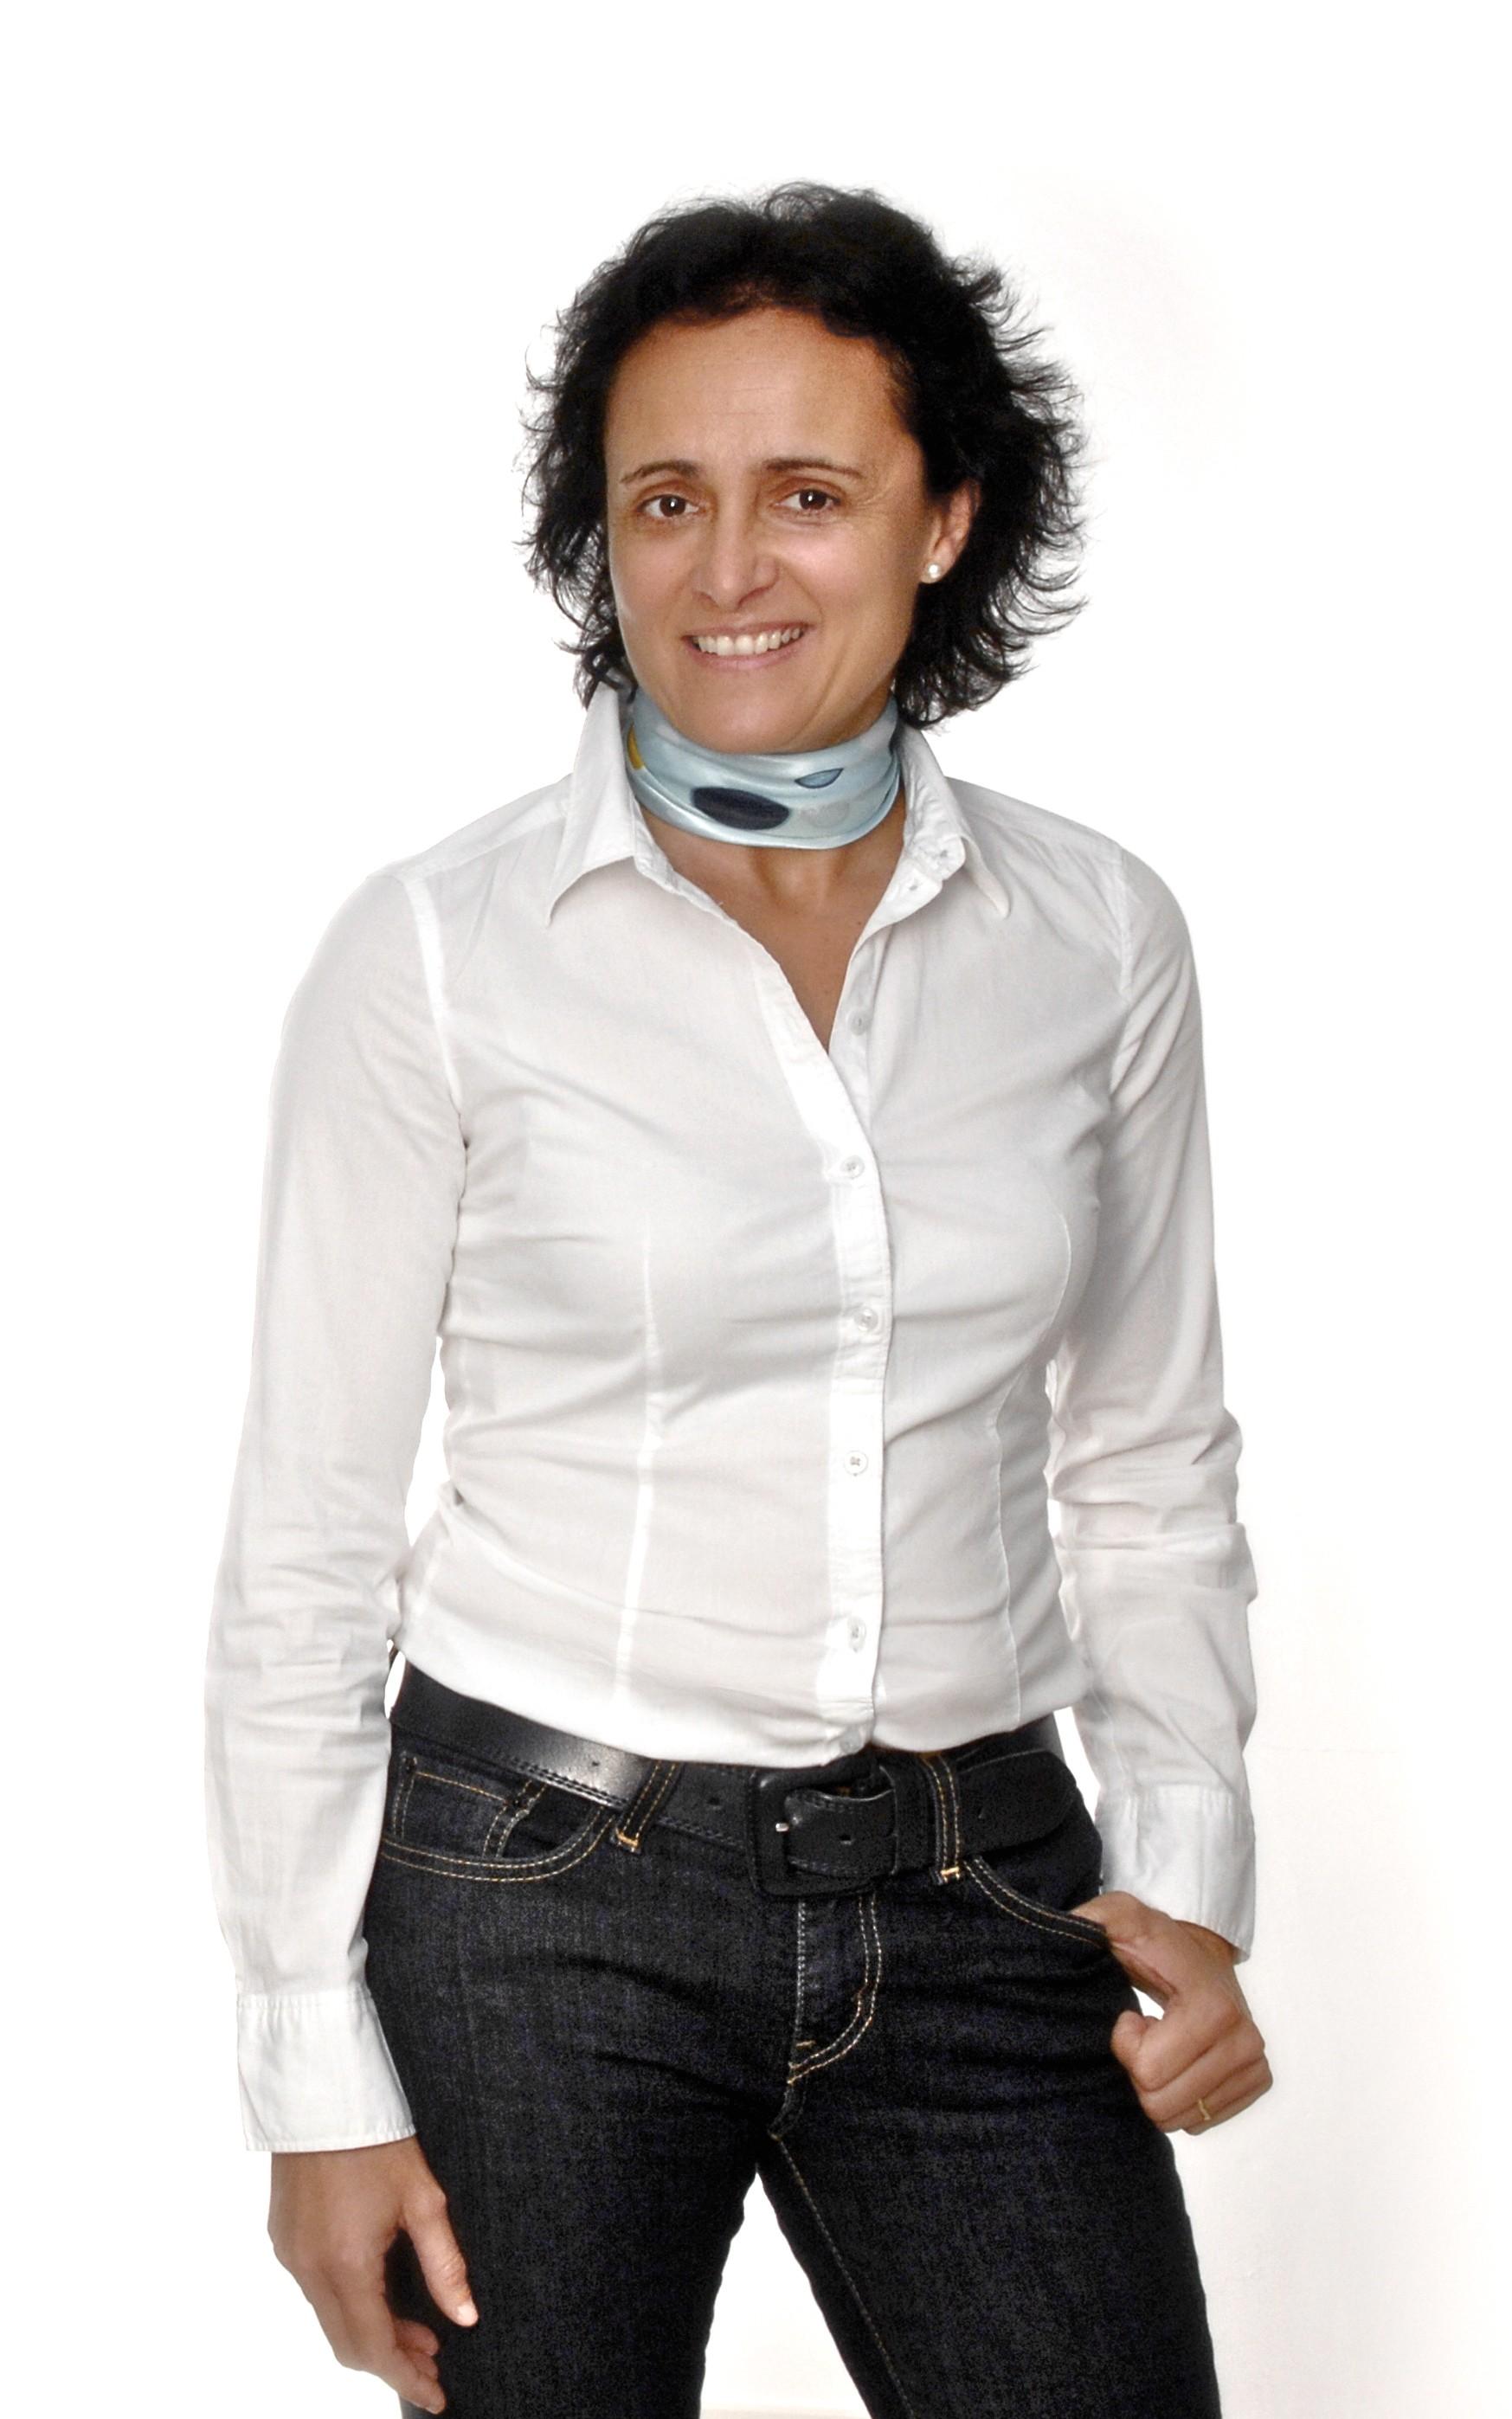 Ana Salinas López